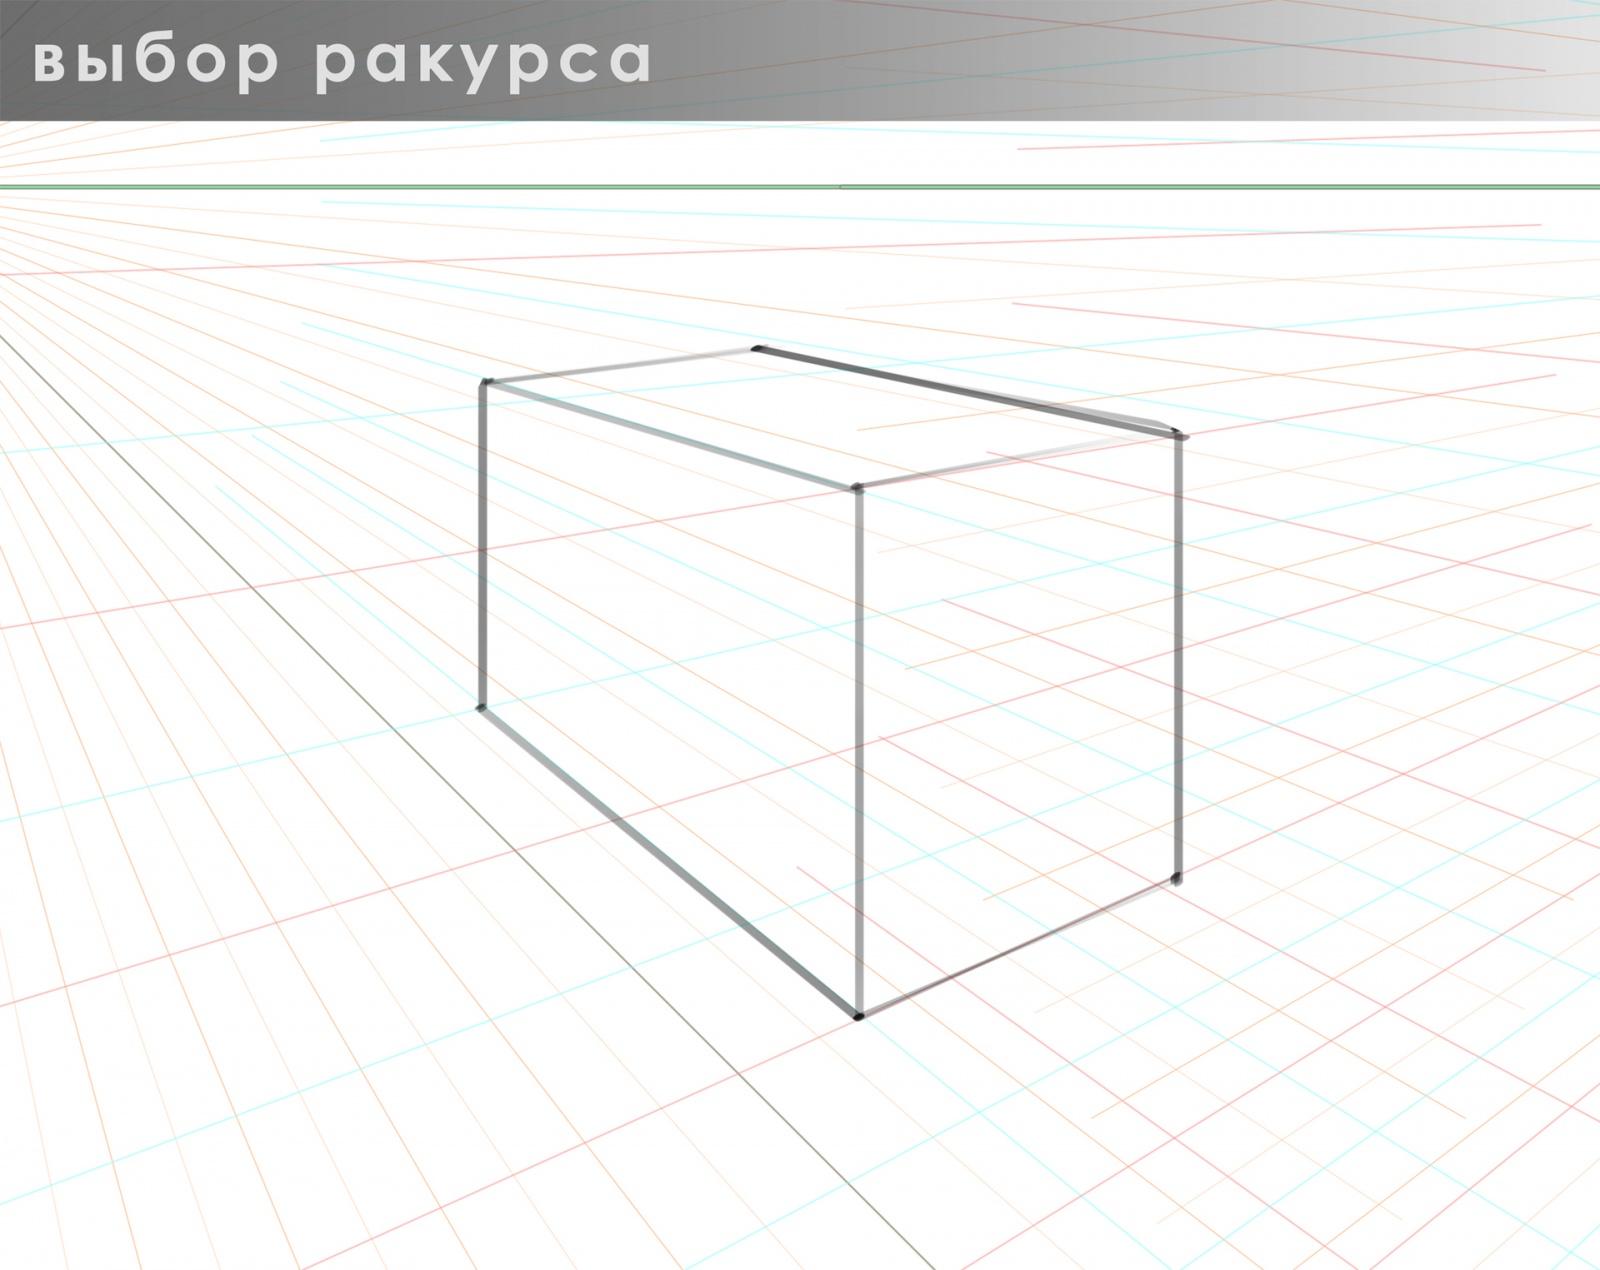 Основы CG-рисунка на примерах: рисуем осциллограф, применяем 3D - 3